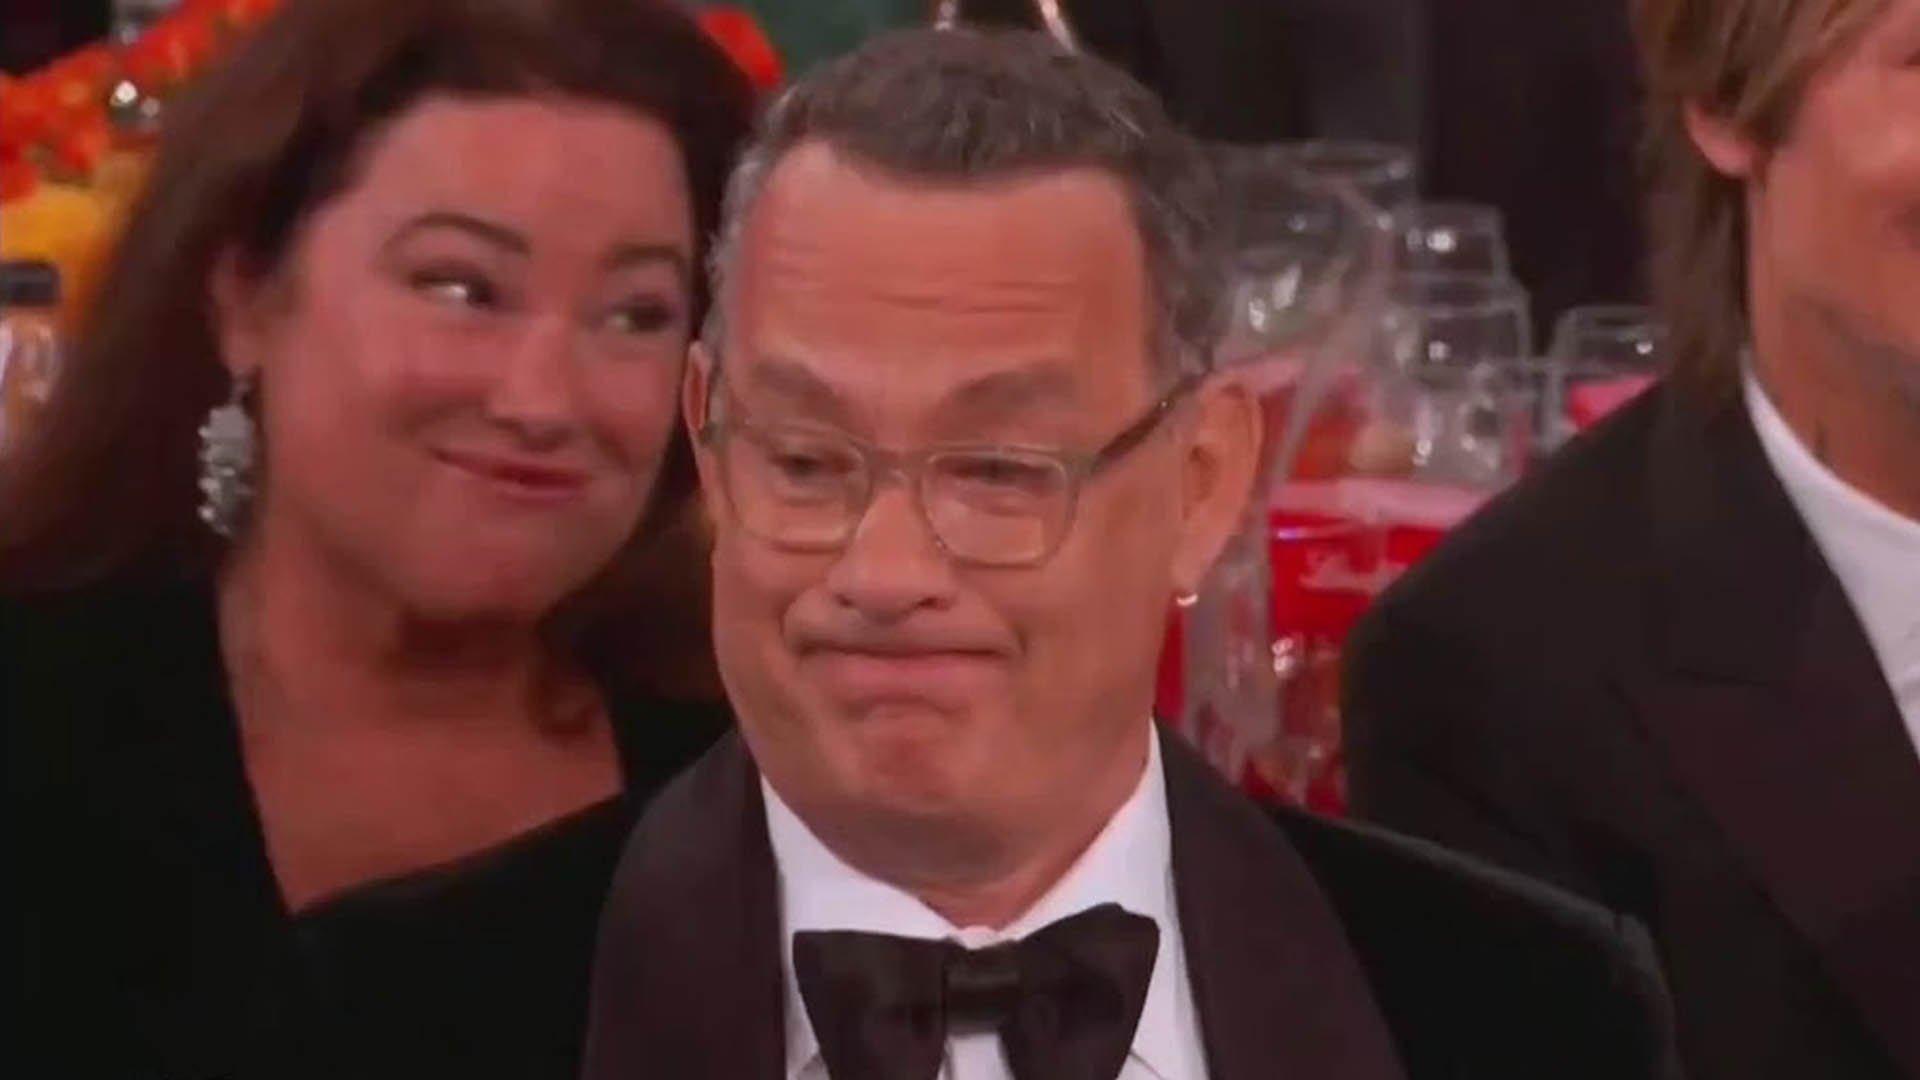 La reazione di Tom Hanks alle battute di Ricky Gervais